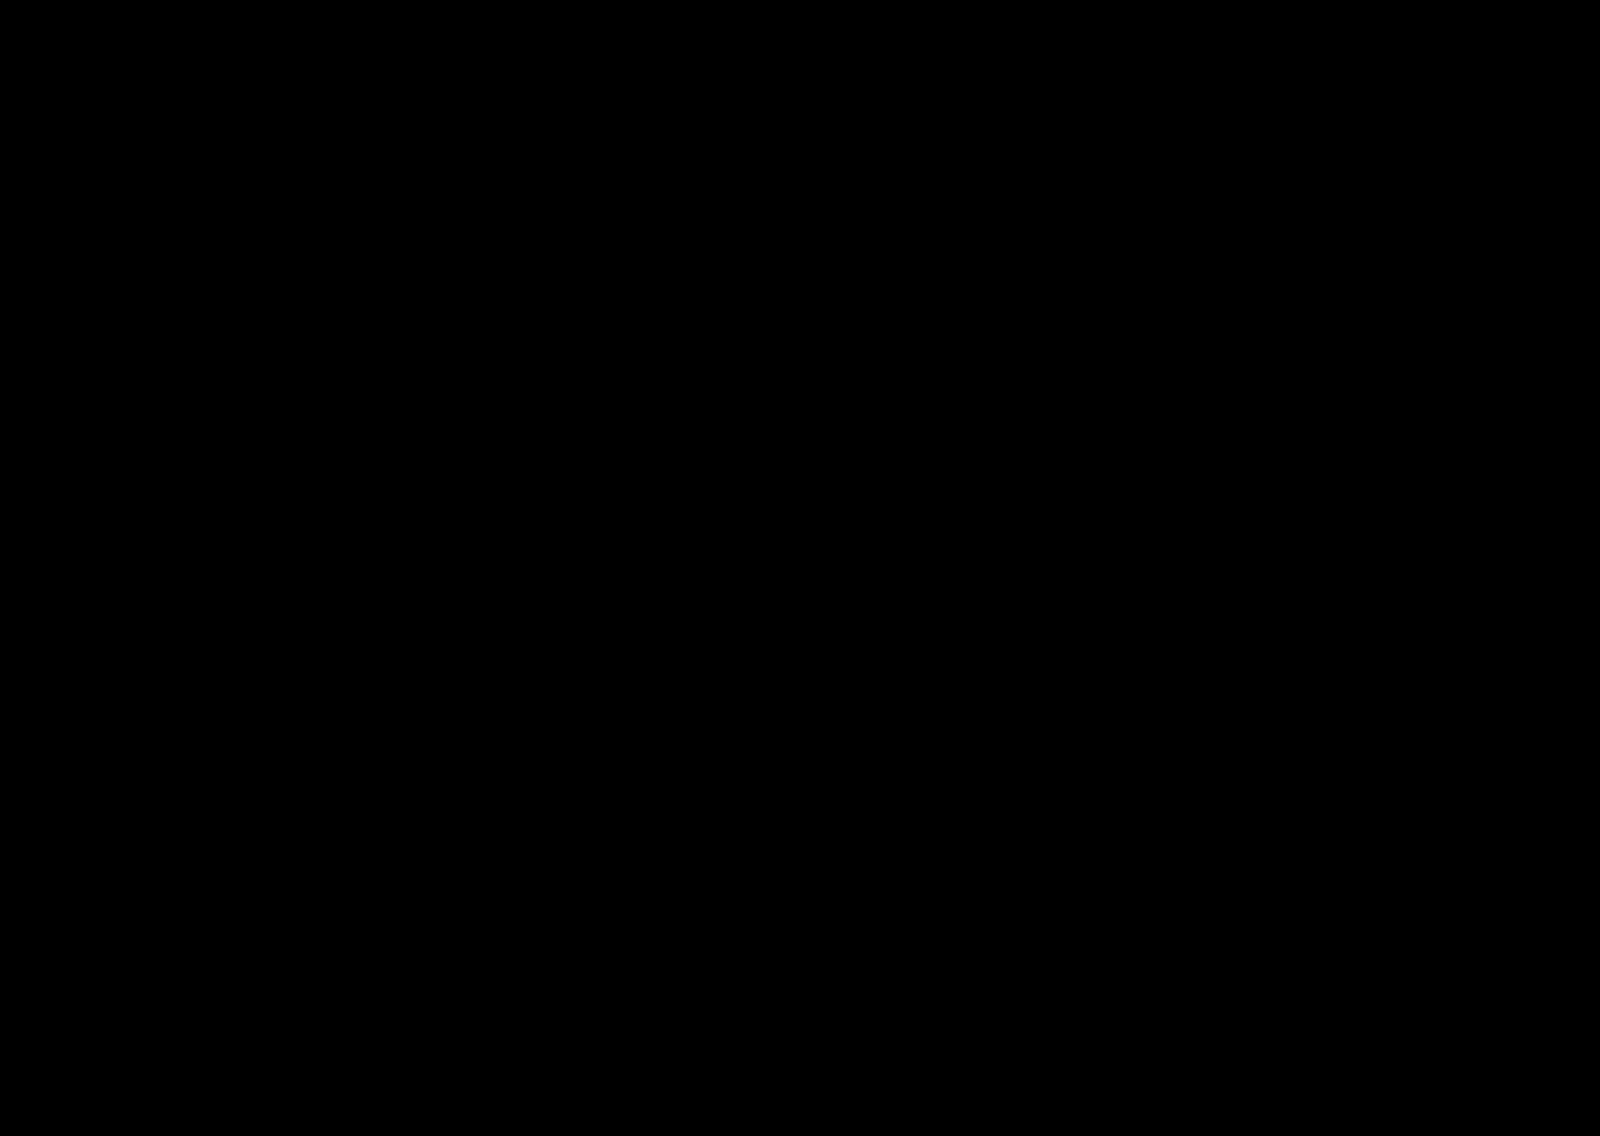 Logo Yamaha Vector